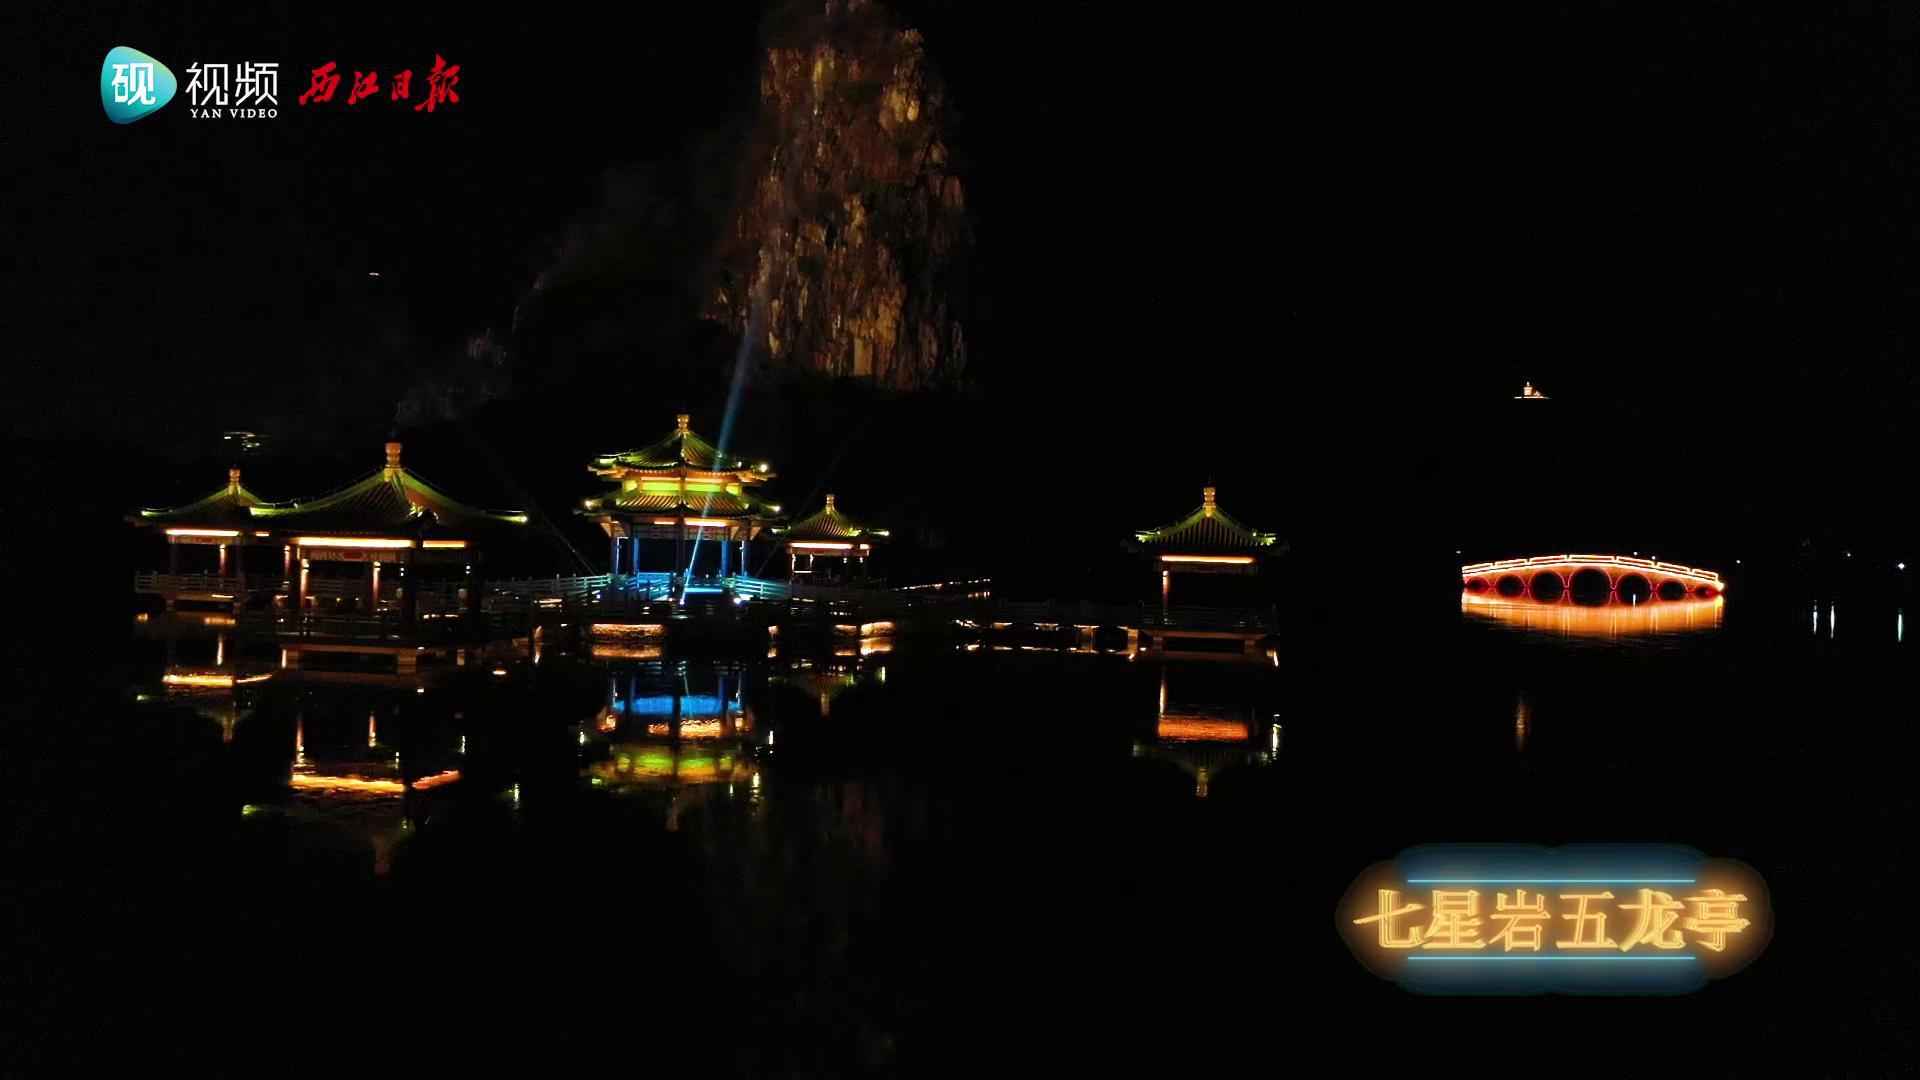 肇庆城市夜景航拍_砚都夜韵